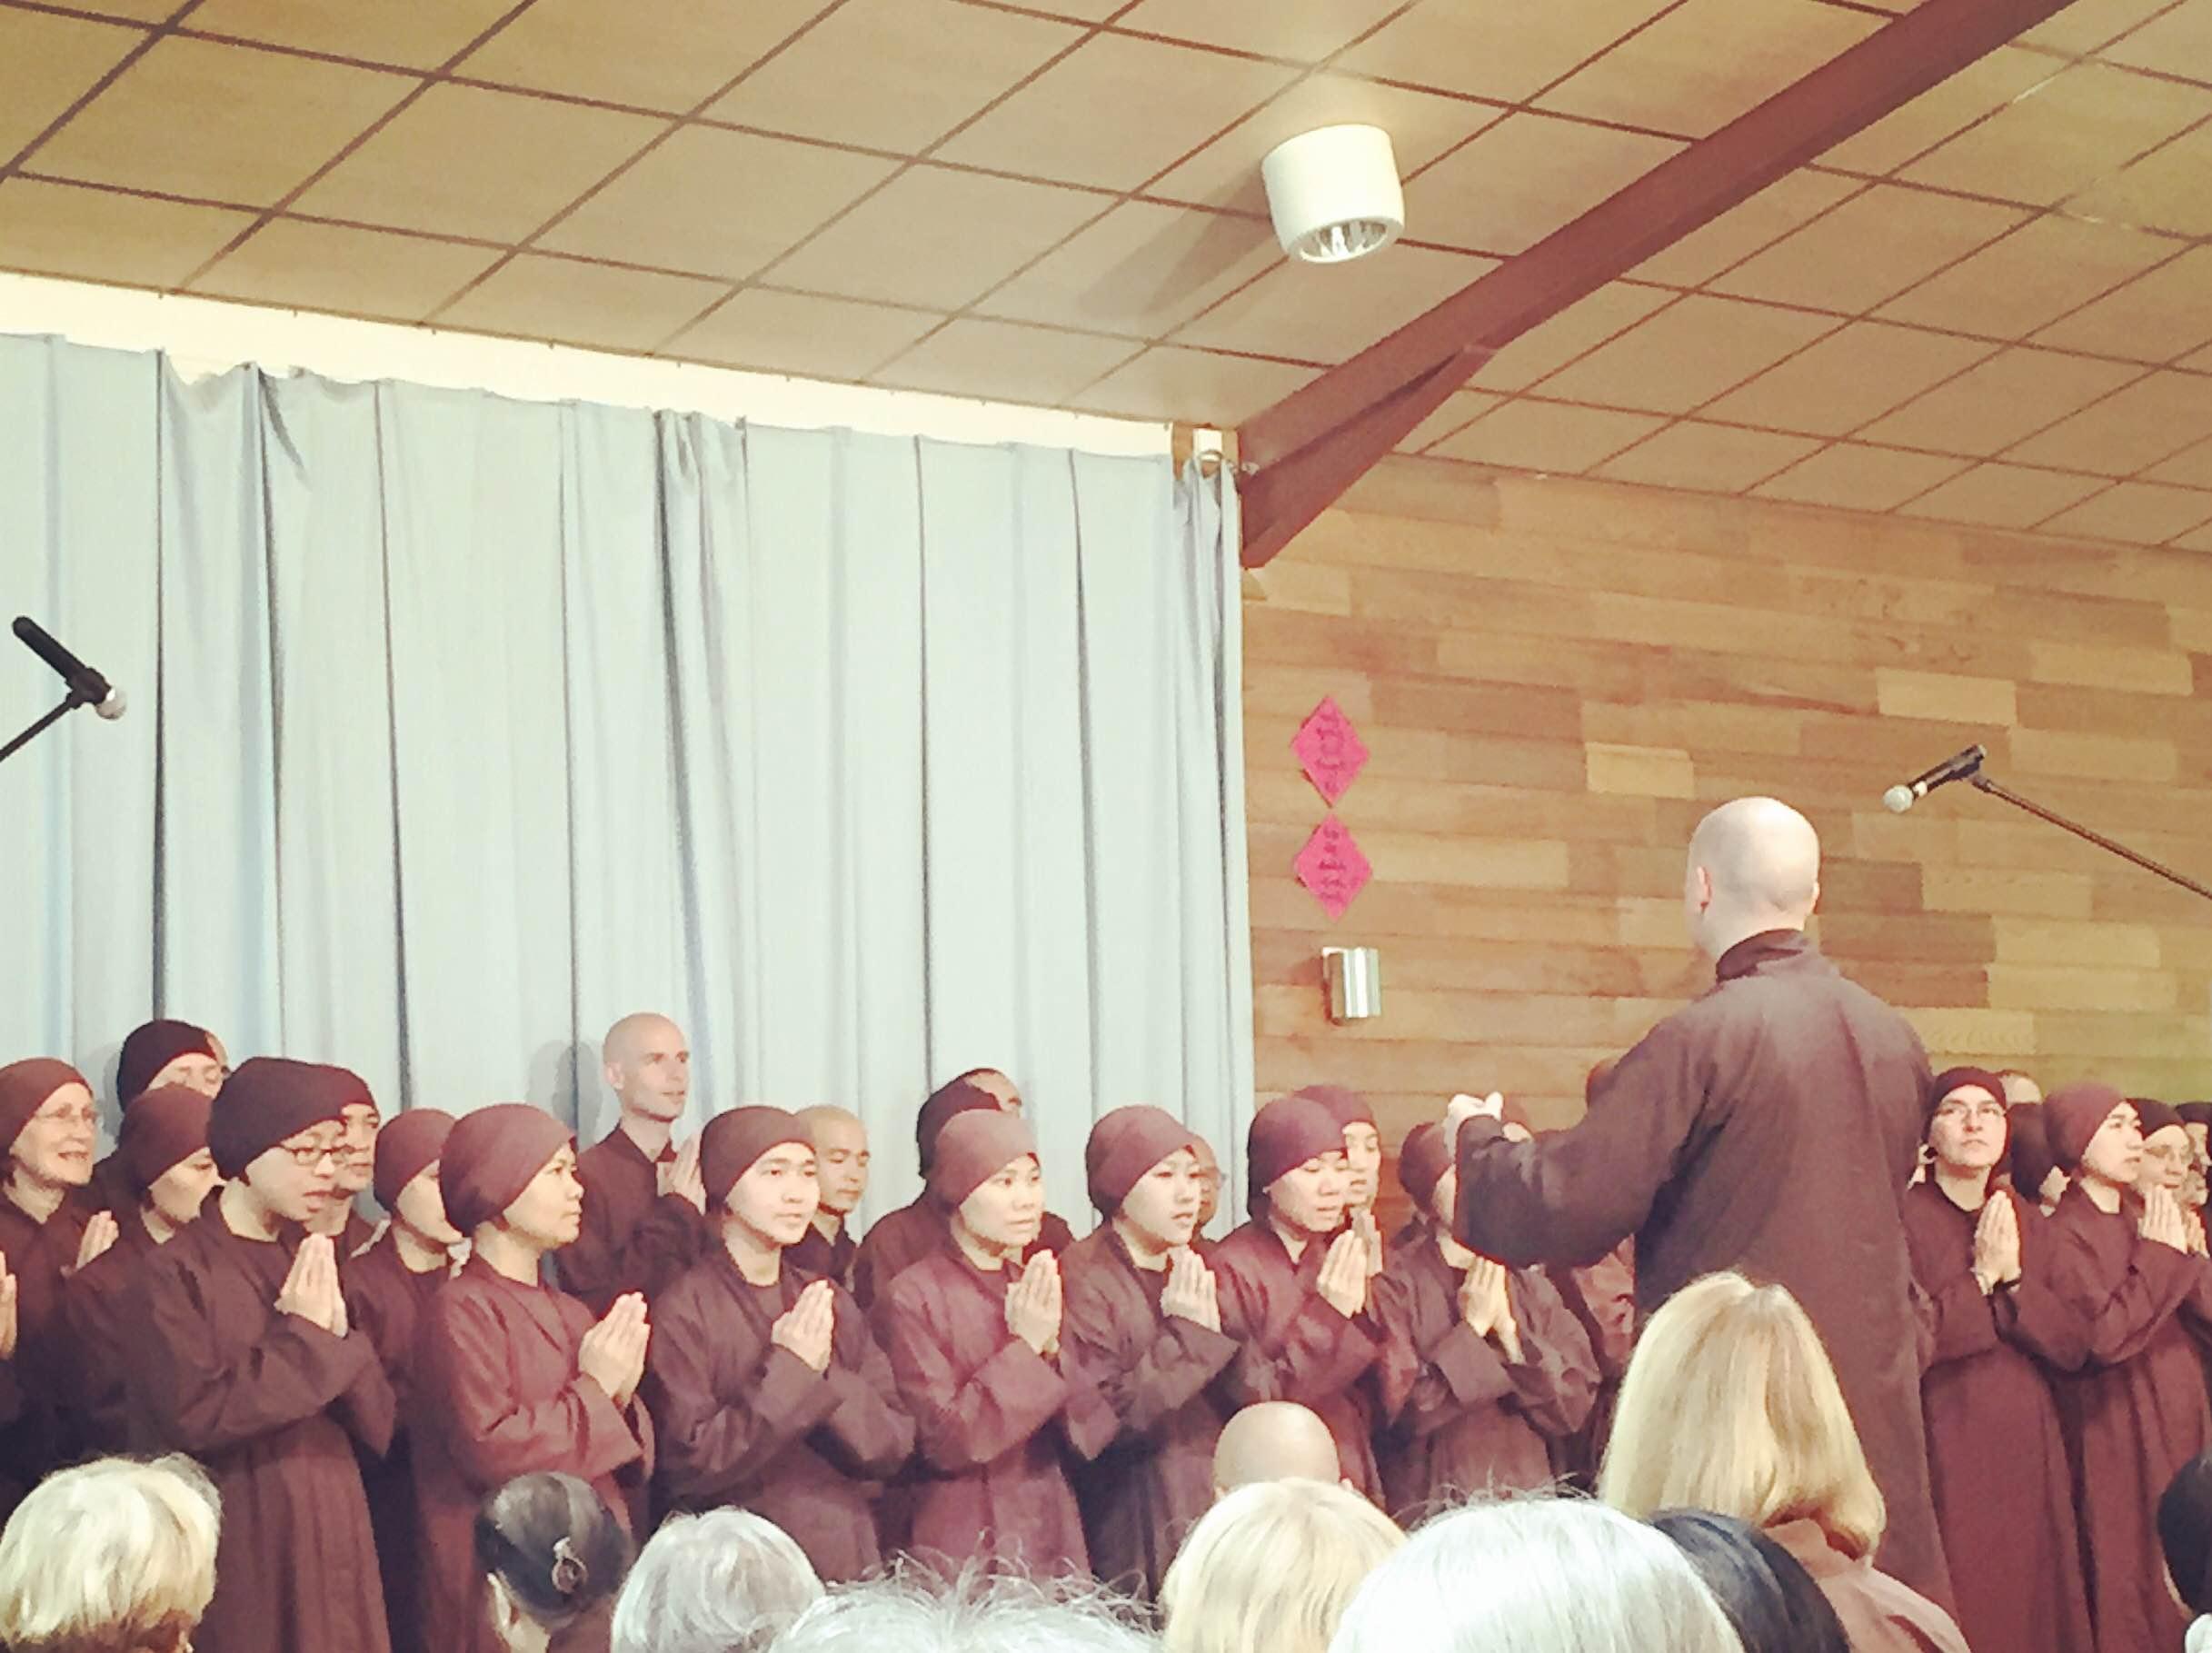 プラムヴィレッジでは、音楽を大切にします。法話の前には集会用のホールに集まって、長いシックな茶色の法衣に身をまとったブラザーやシスターのヴァイオリン演奏や、合唱に耳を傾けます。